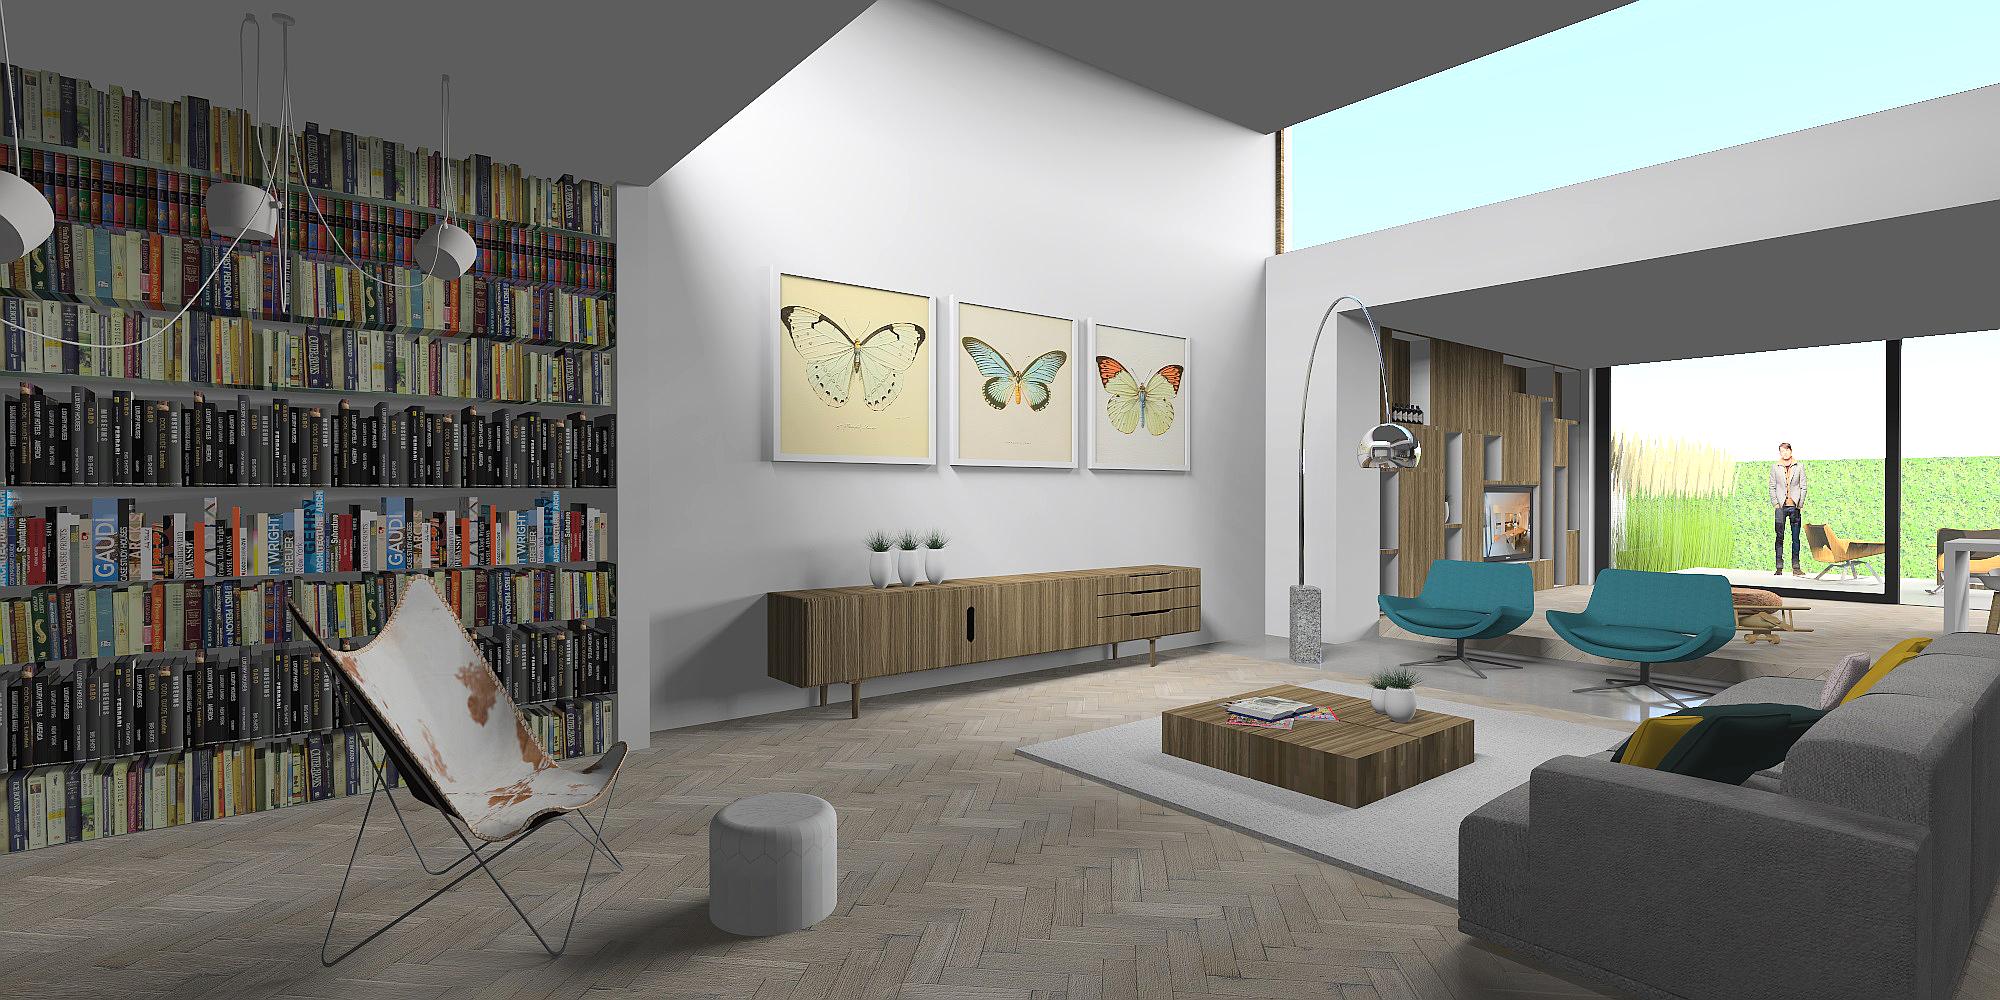 15_013_WK 3D beeld interieur 3.jpg